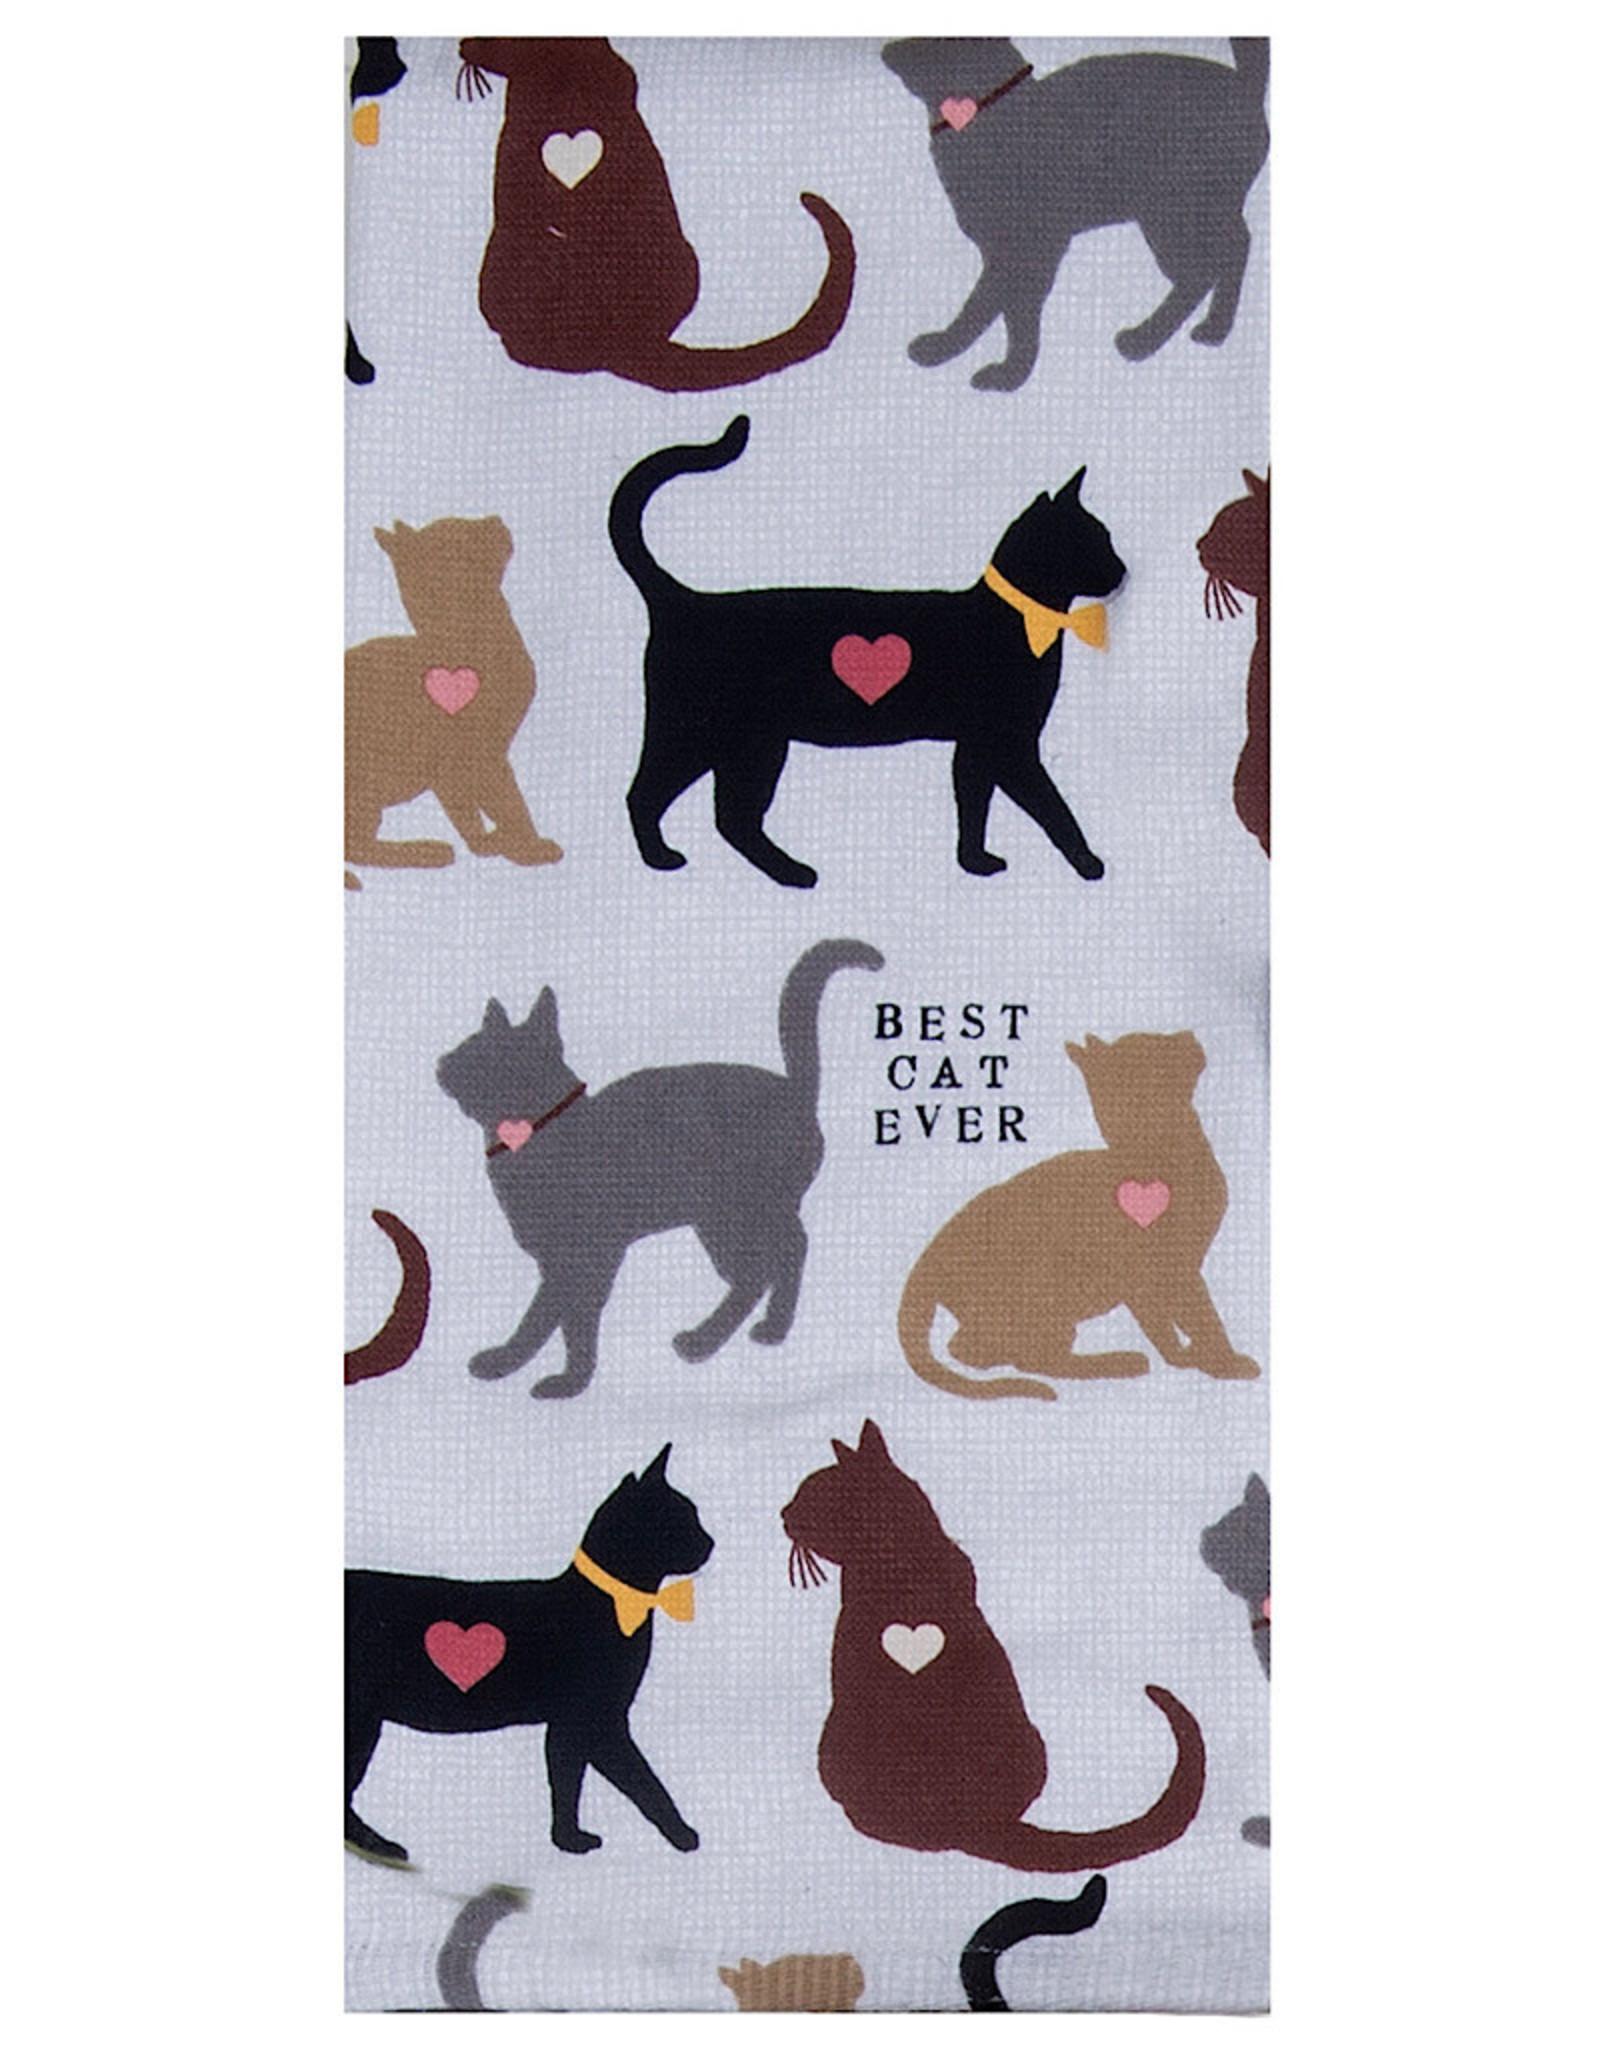 Cat Tea Towels click to see more